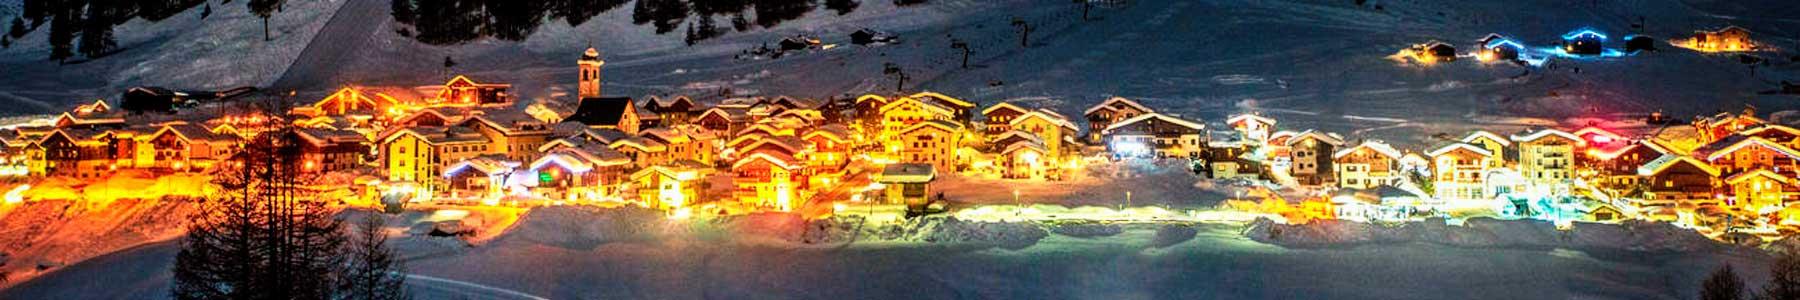 Mercatini di Natale Livigno e Trenino del Bernina